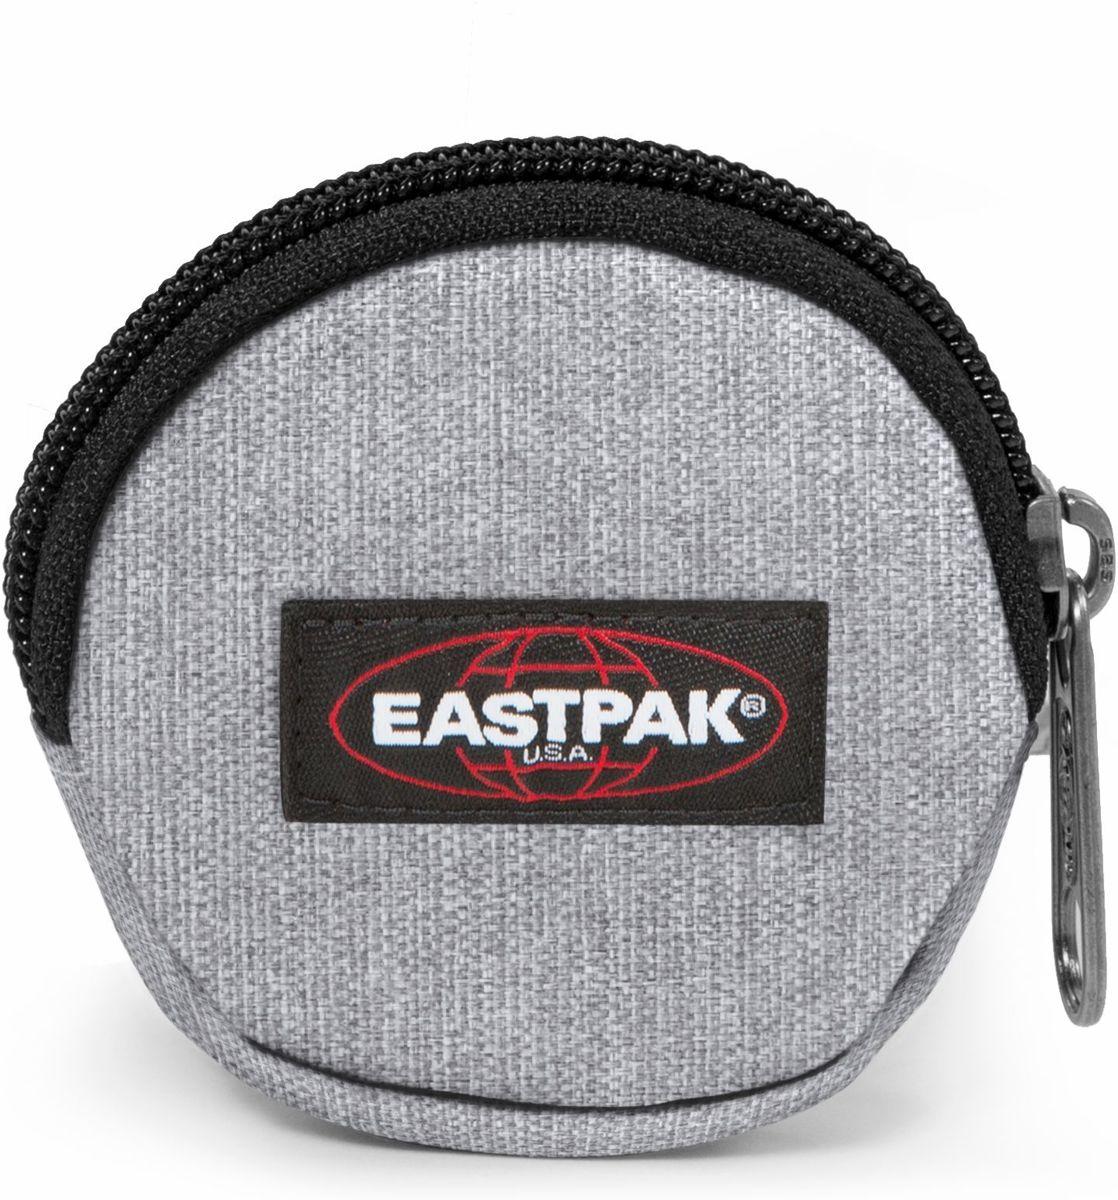 Eastpak Groupie Sleuteltasje - Sunday Grey kopen